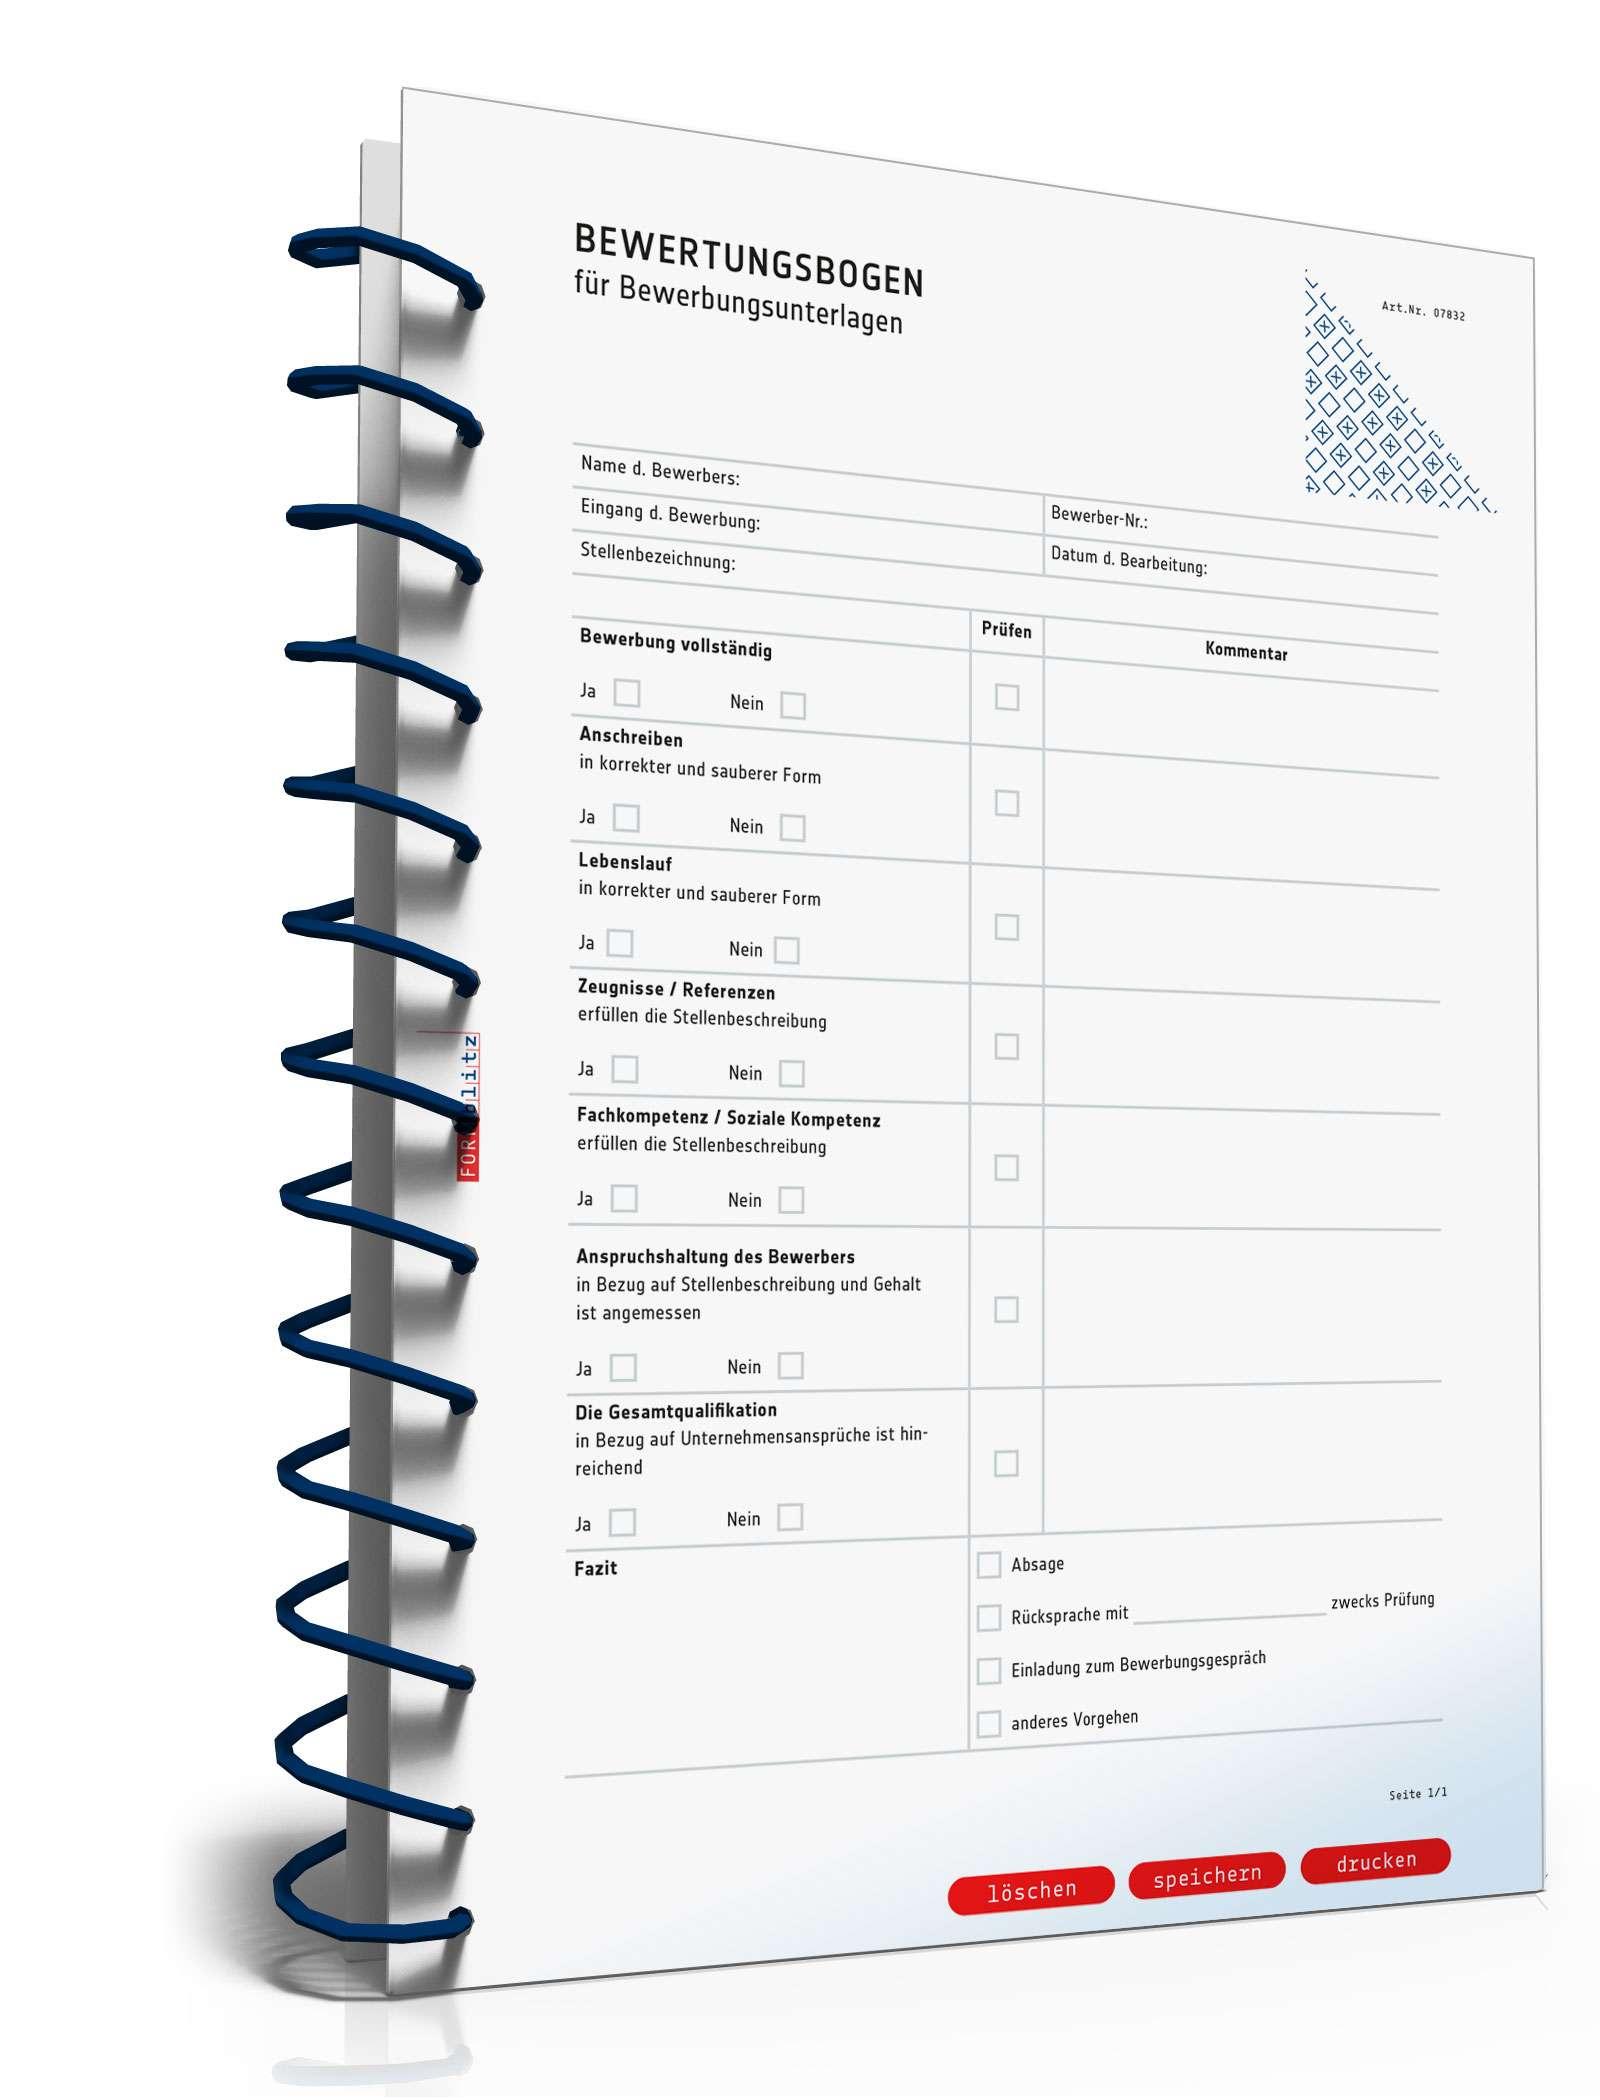 Bewertungsbogen Bewerbungsunterlagen Muster Zum Download